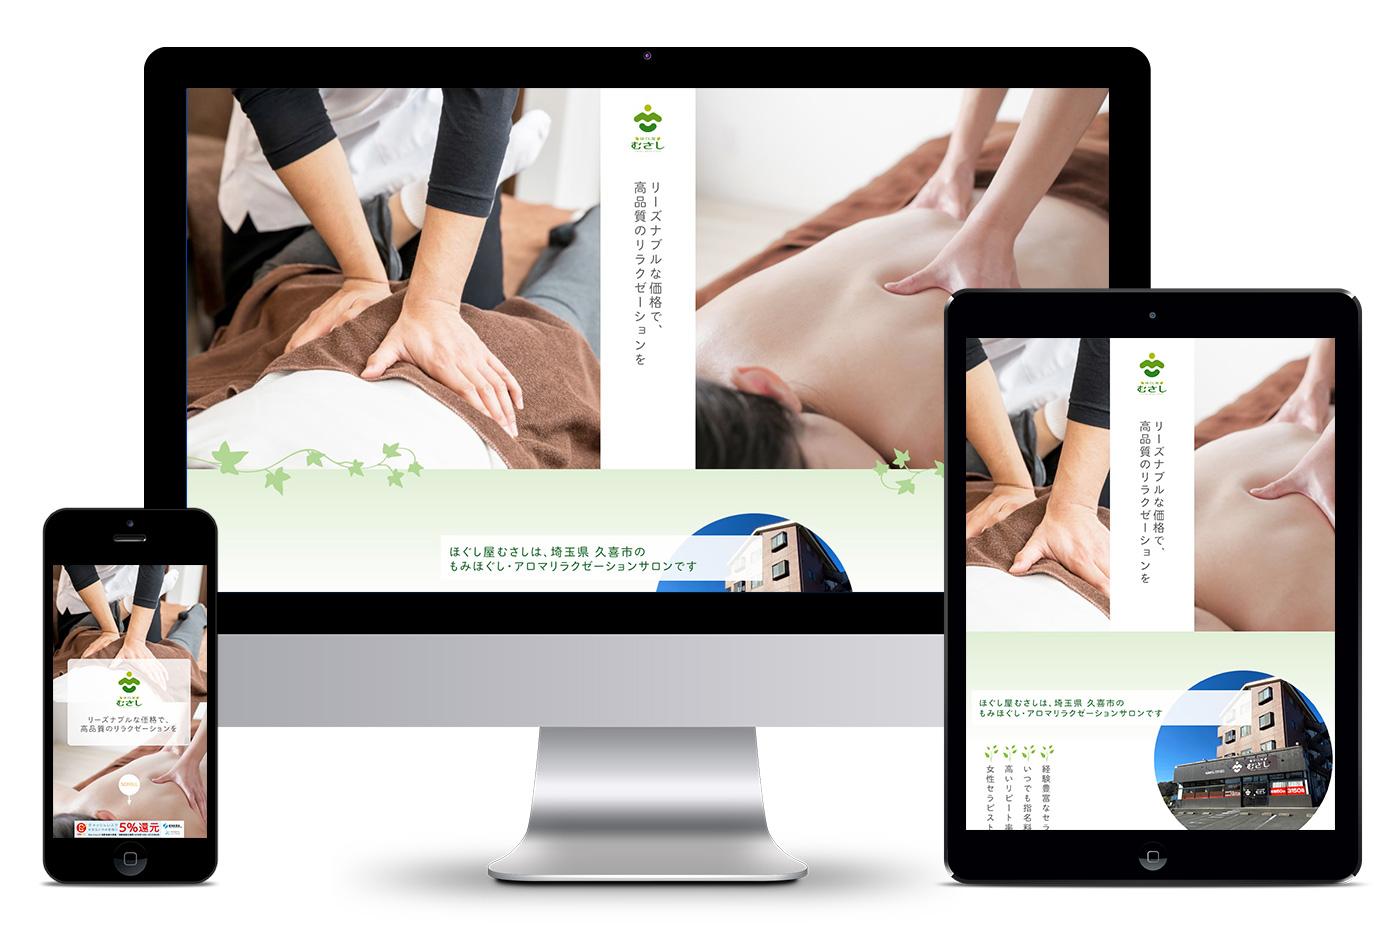 リラクゼーションサロンのホームページ制作事例